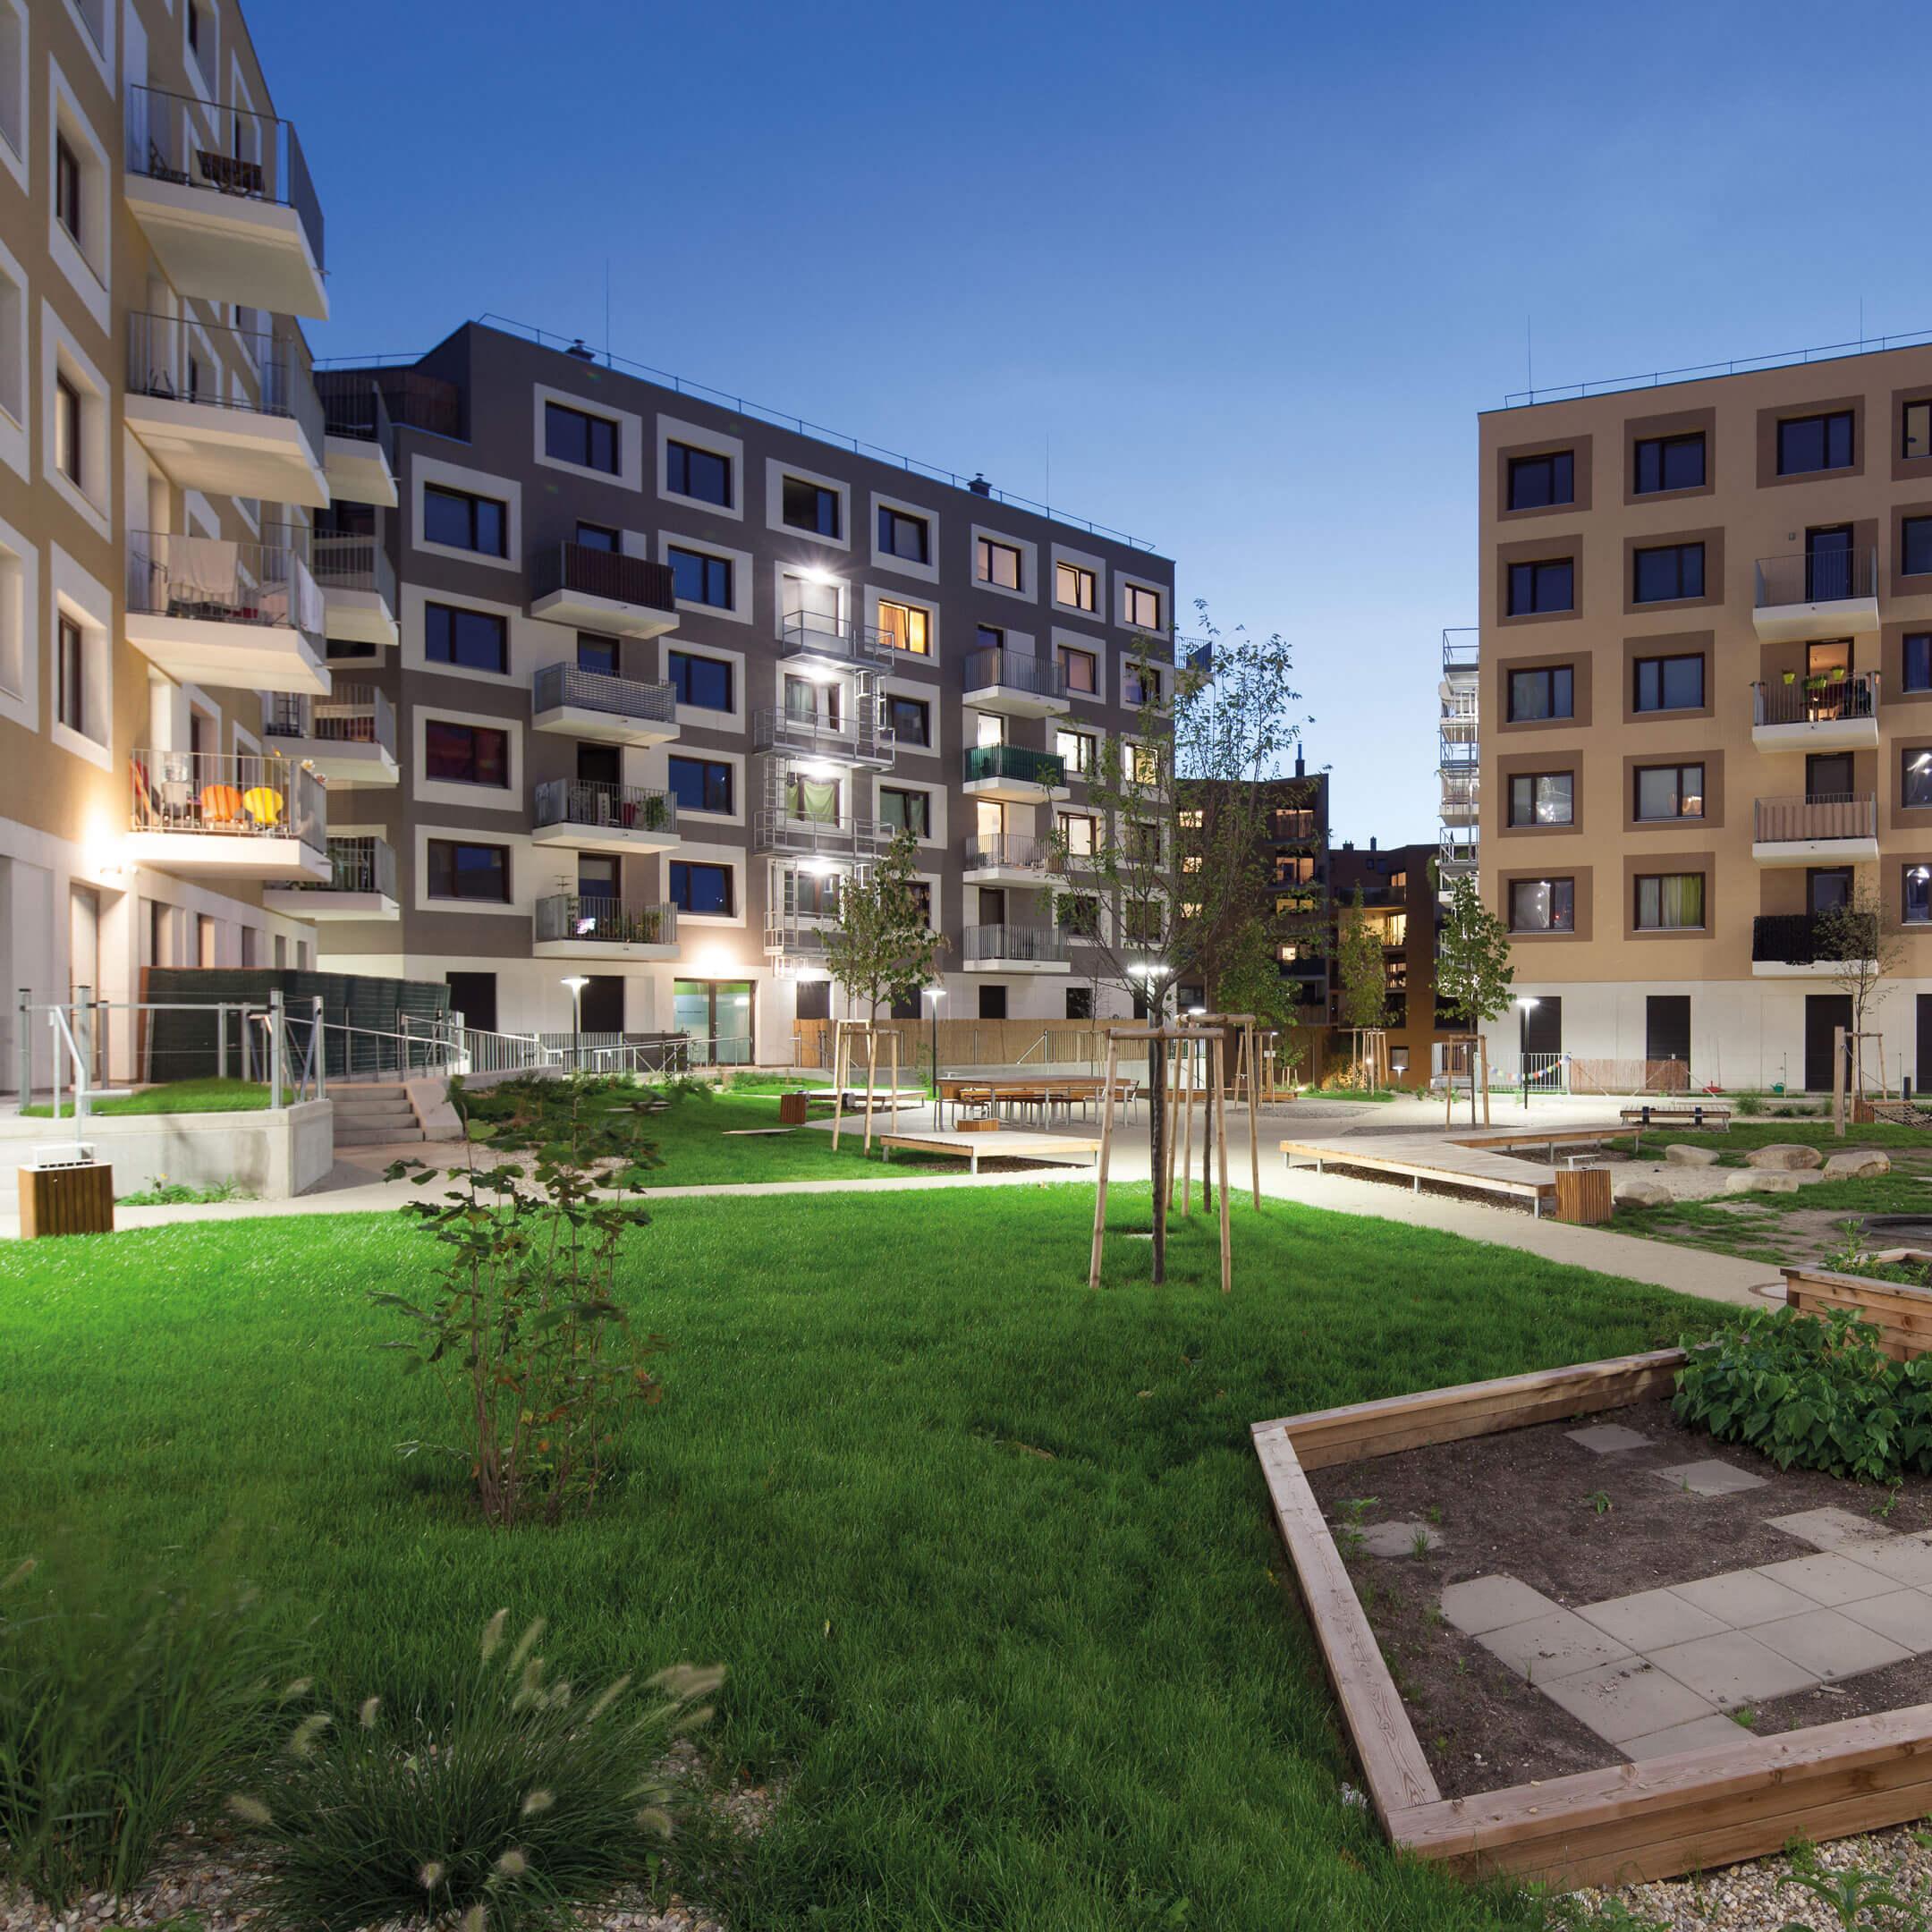 Seestadt Wien Aspern_DELTA_Architecture